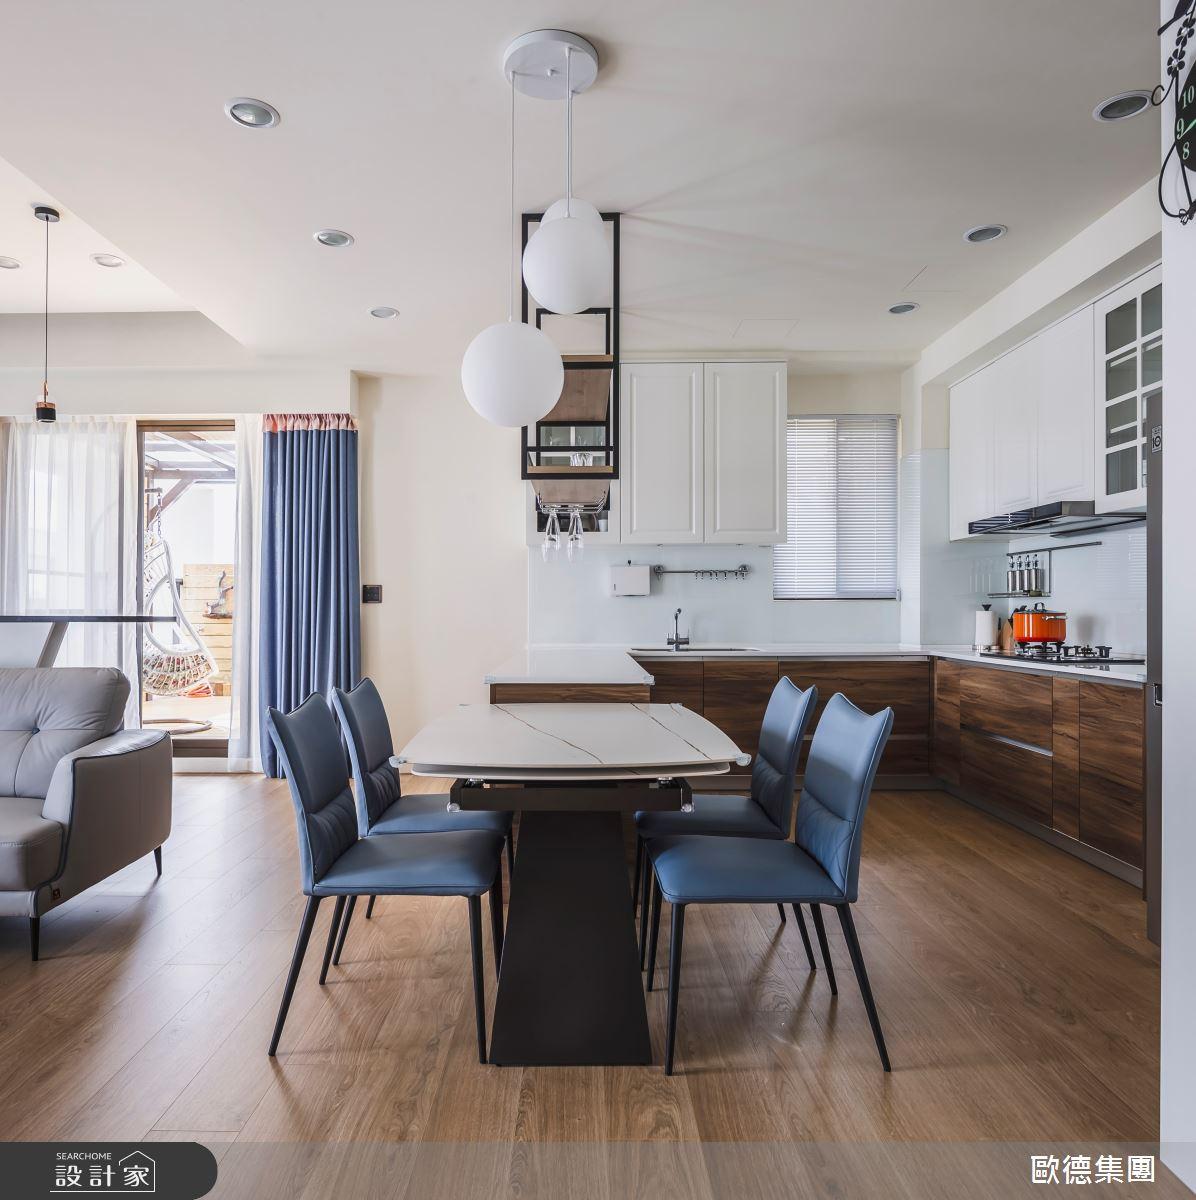 40坪新成屋(5年以下)_混搭風餐廳案例圖片_台灣歐德傢俱股份有限公司_歐德_129之10